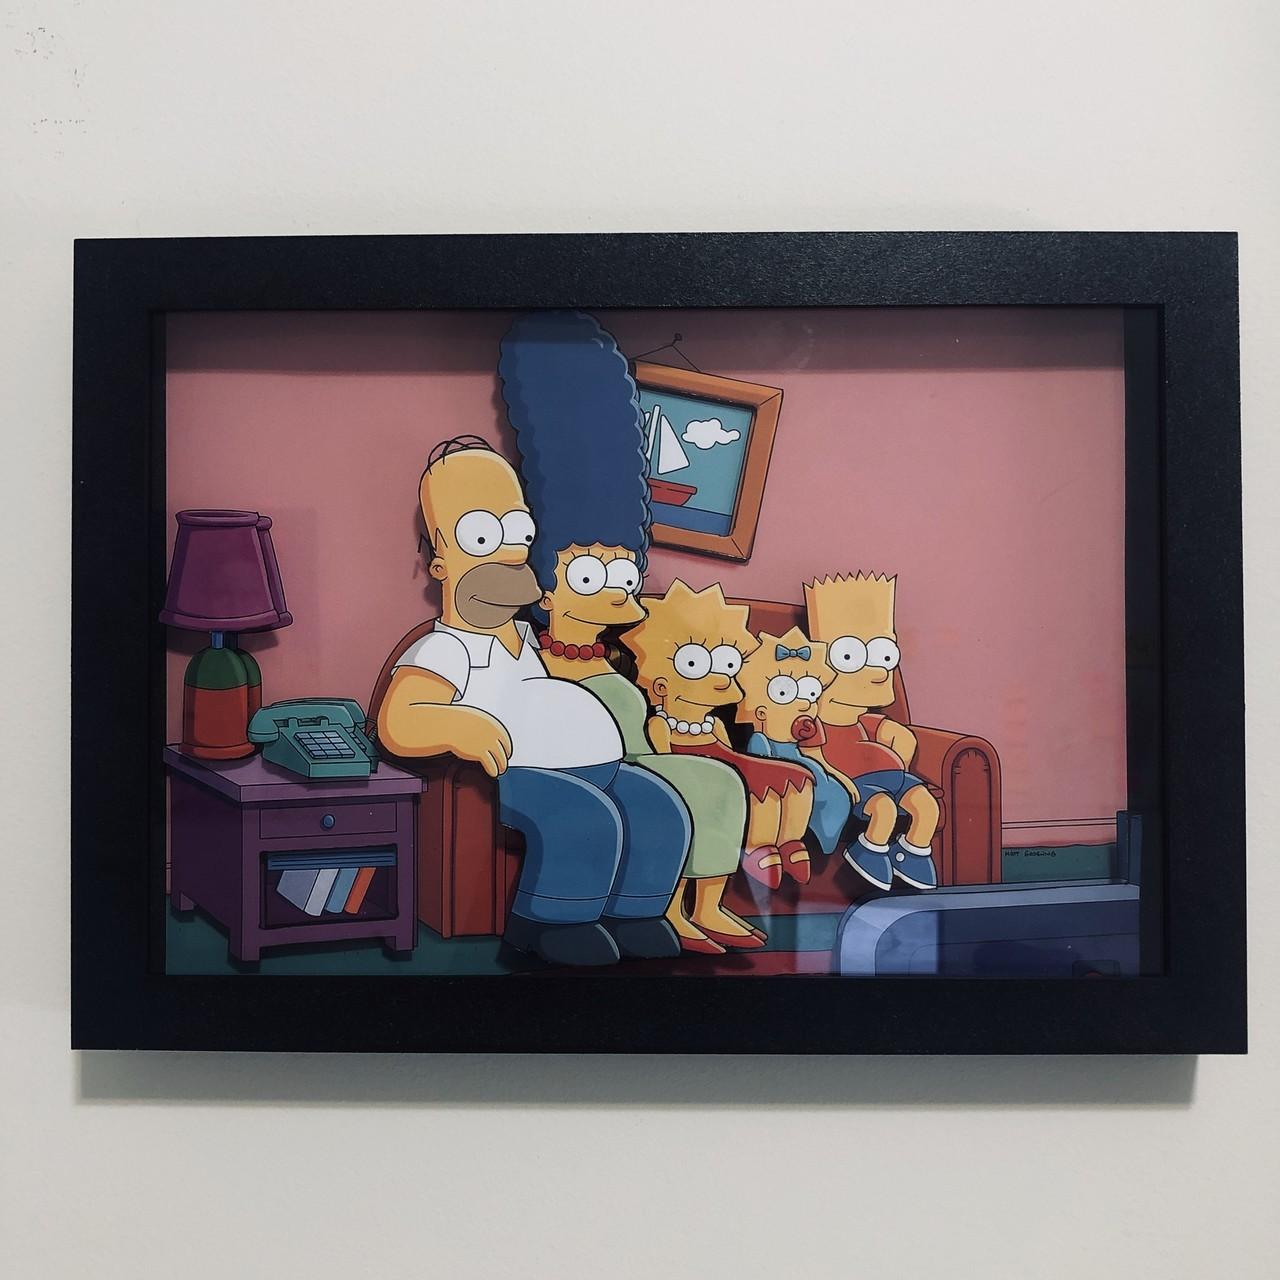 Quadro 3d - Simpsons